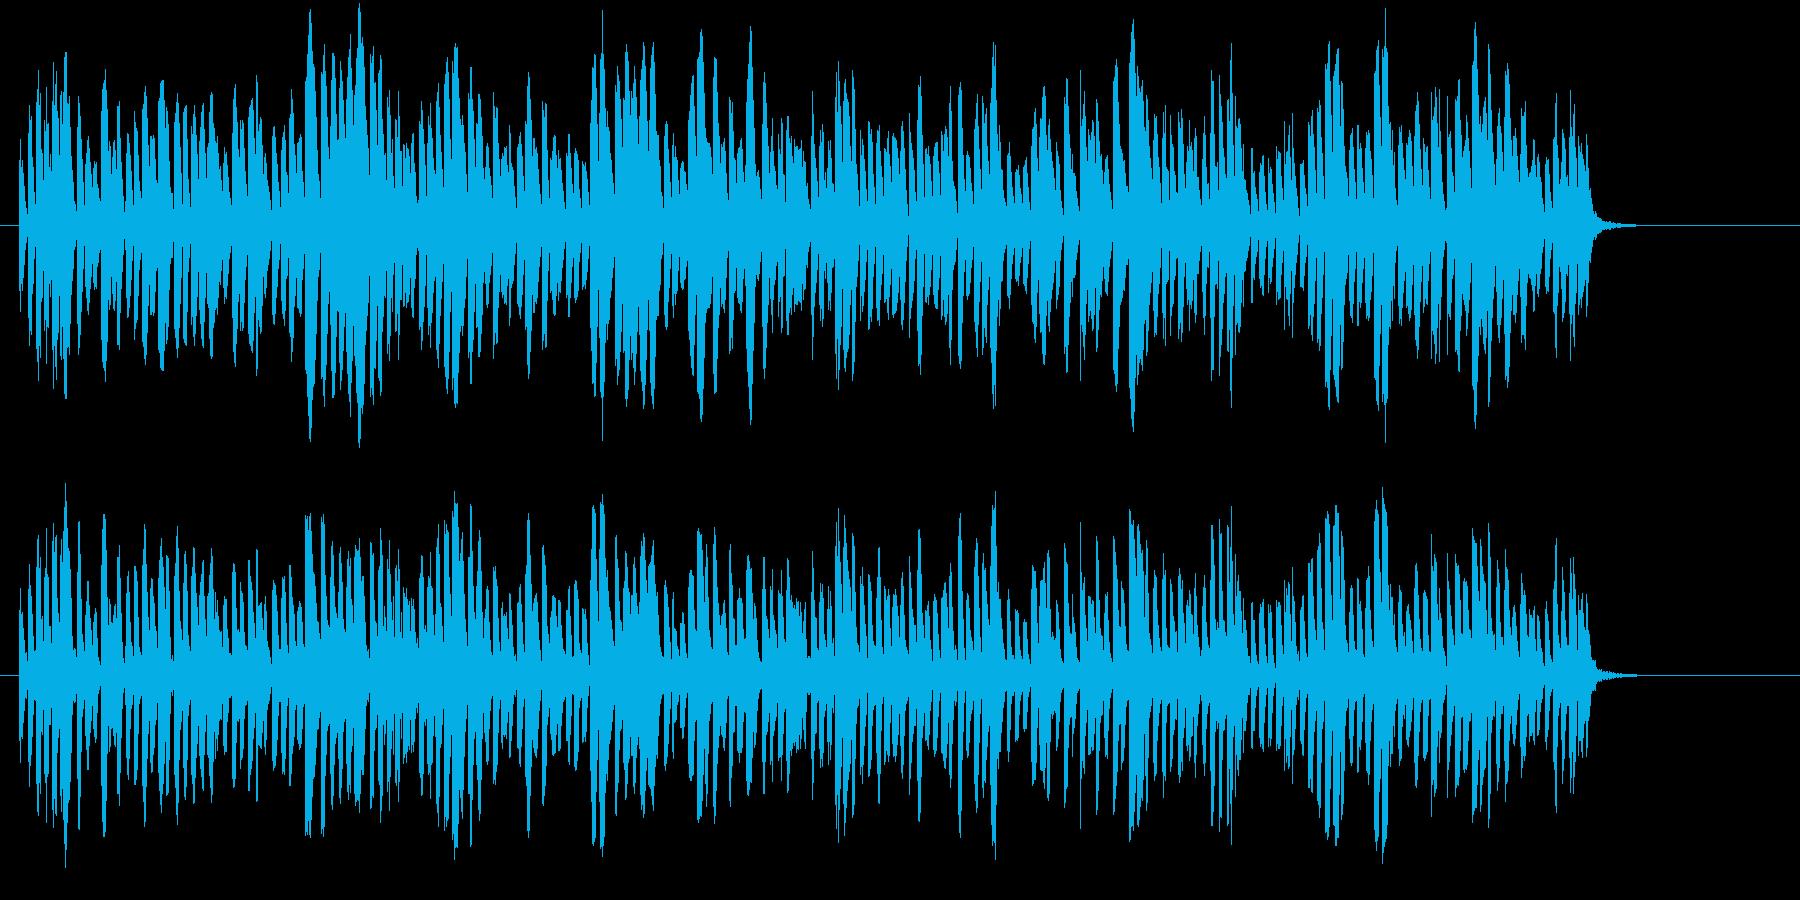 研究施設にて機械が作動している音の再生済みの波形